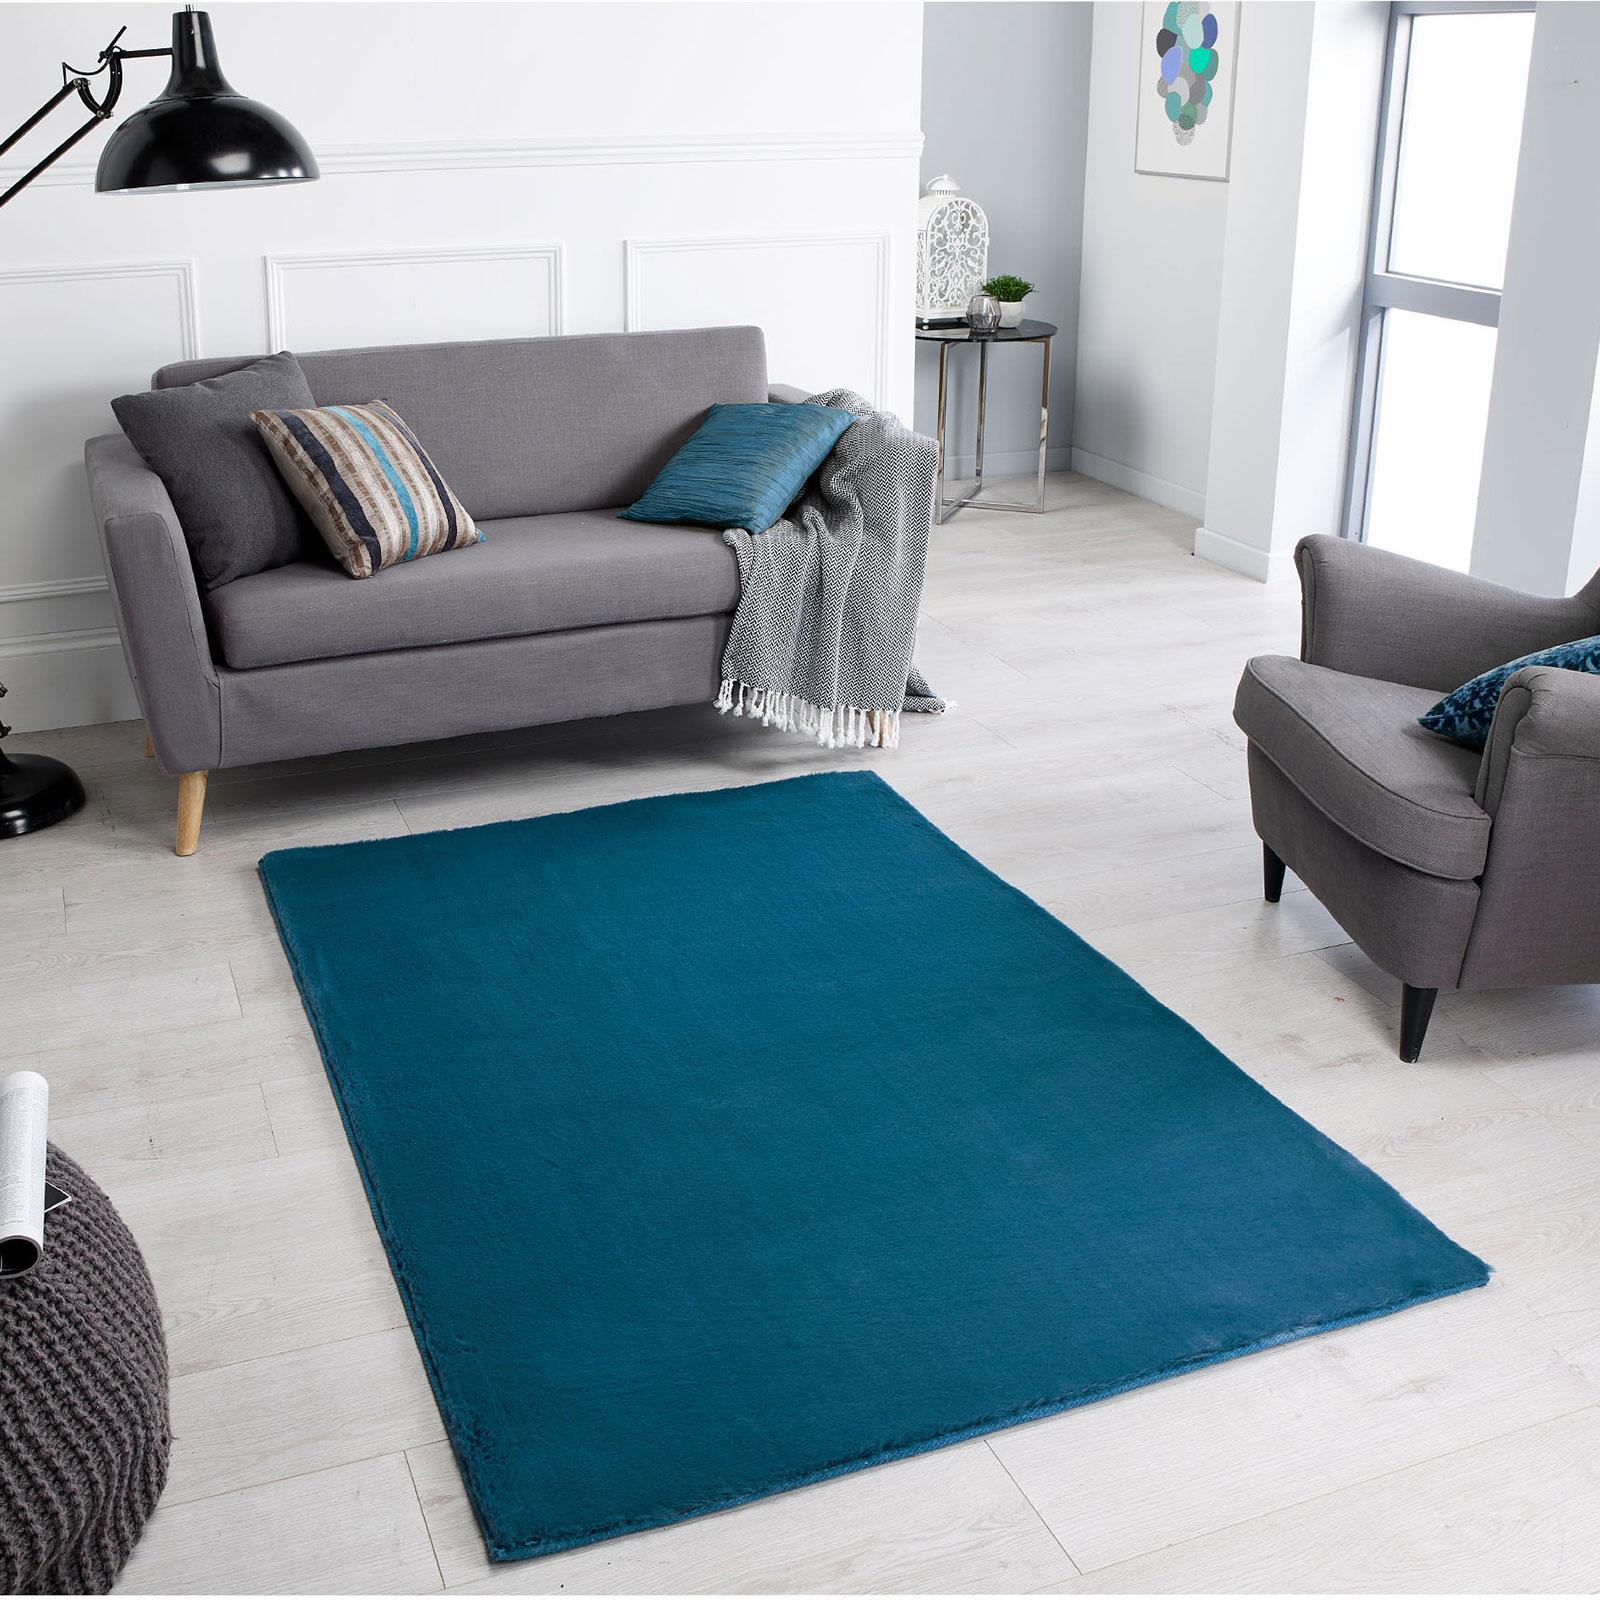 Comfy-Teal-Roomshot.jpg